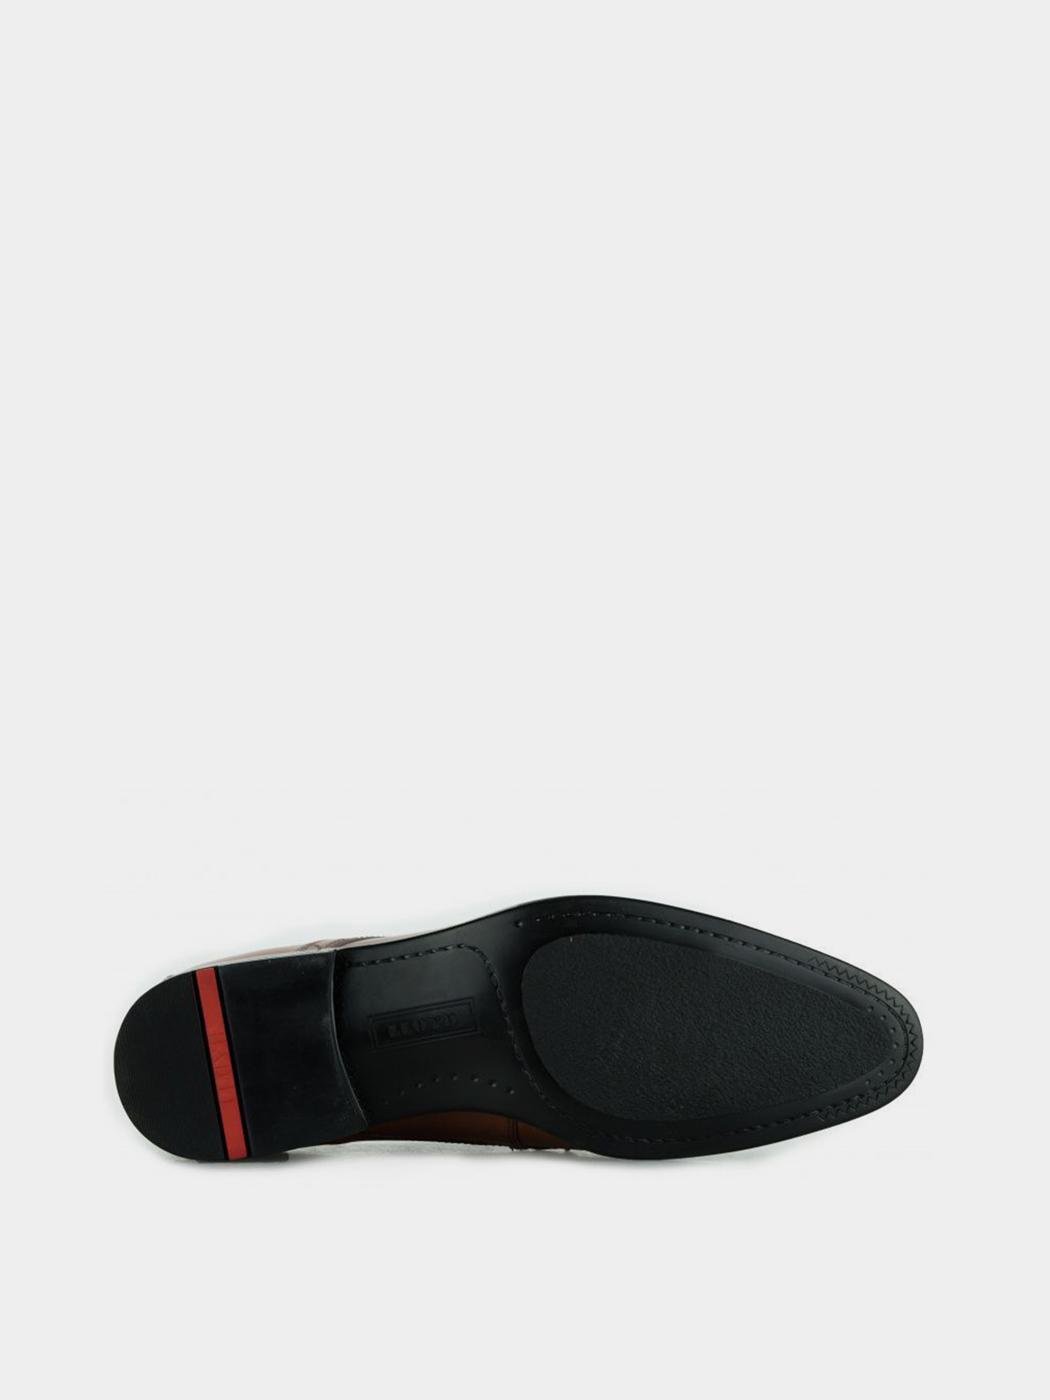 Туфли мужские Lloyd UN1474 купить онлайн, 2017